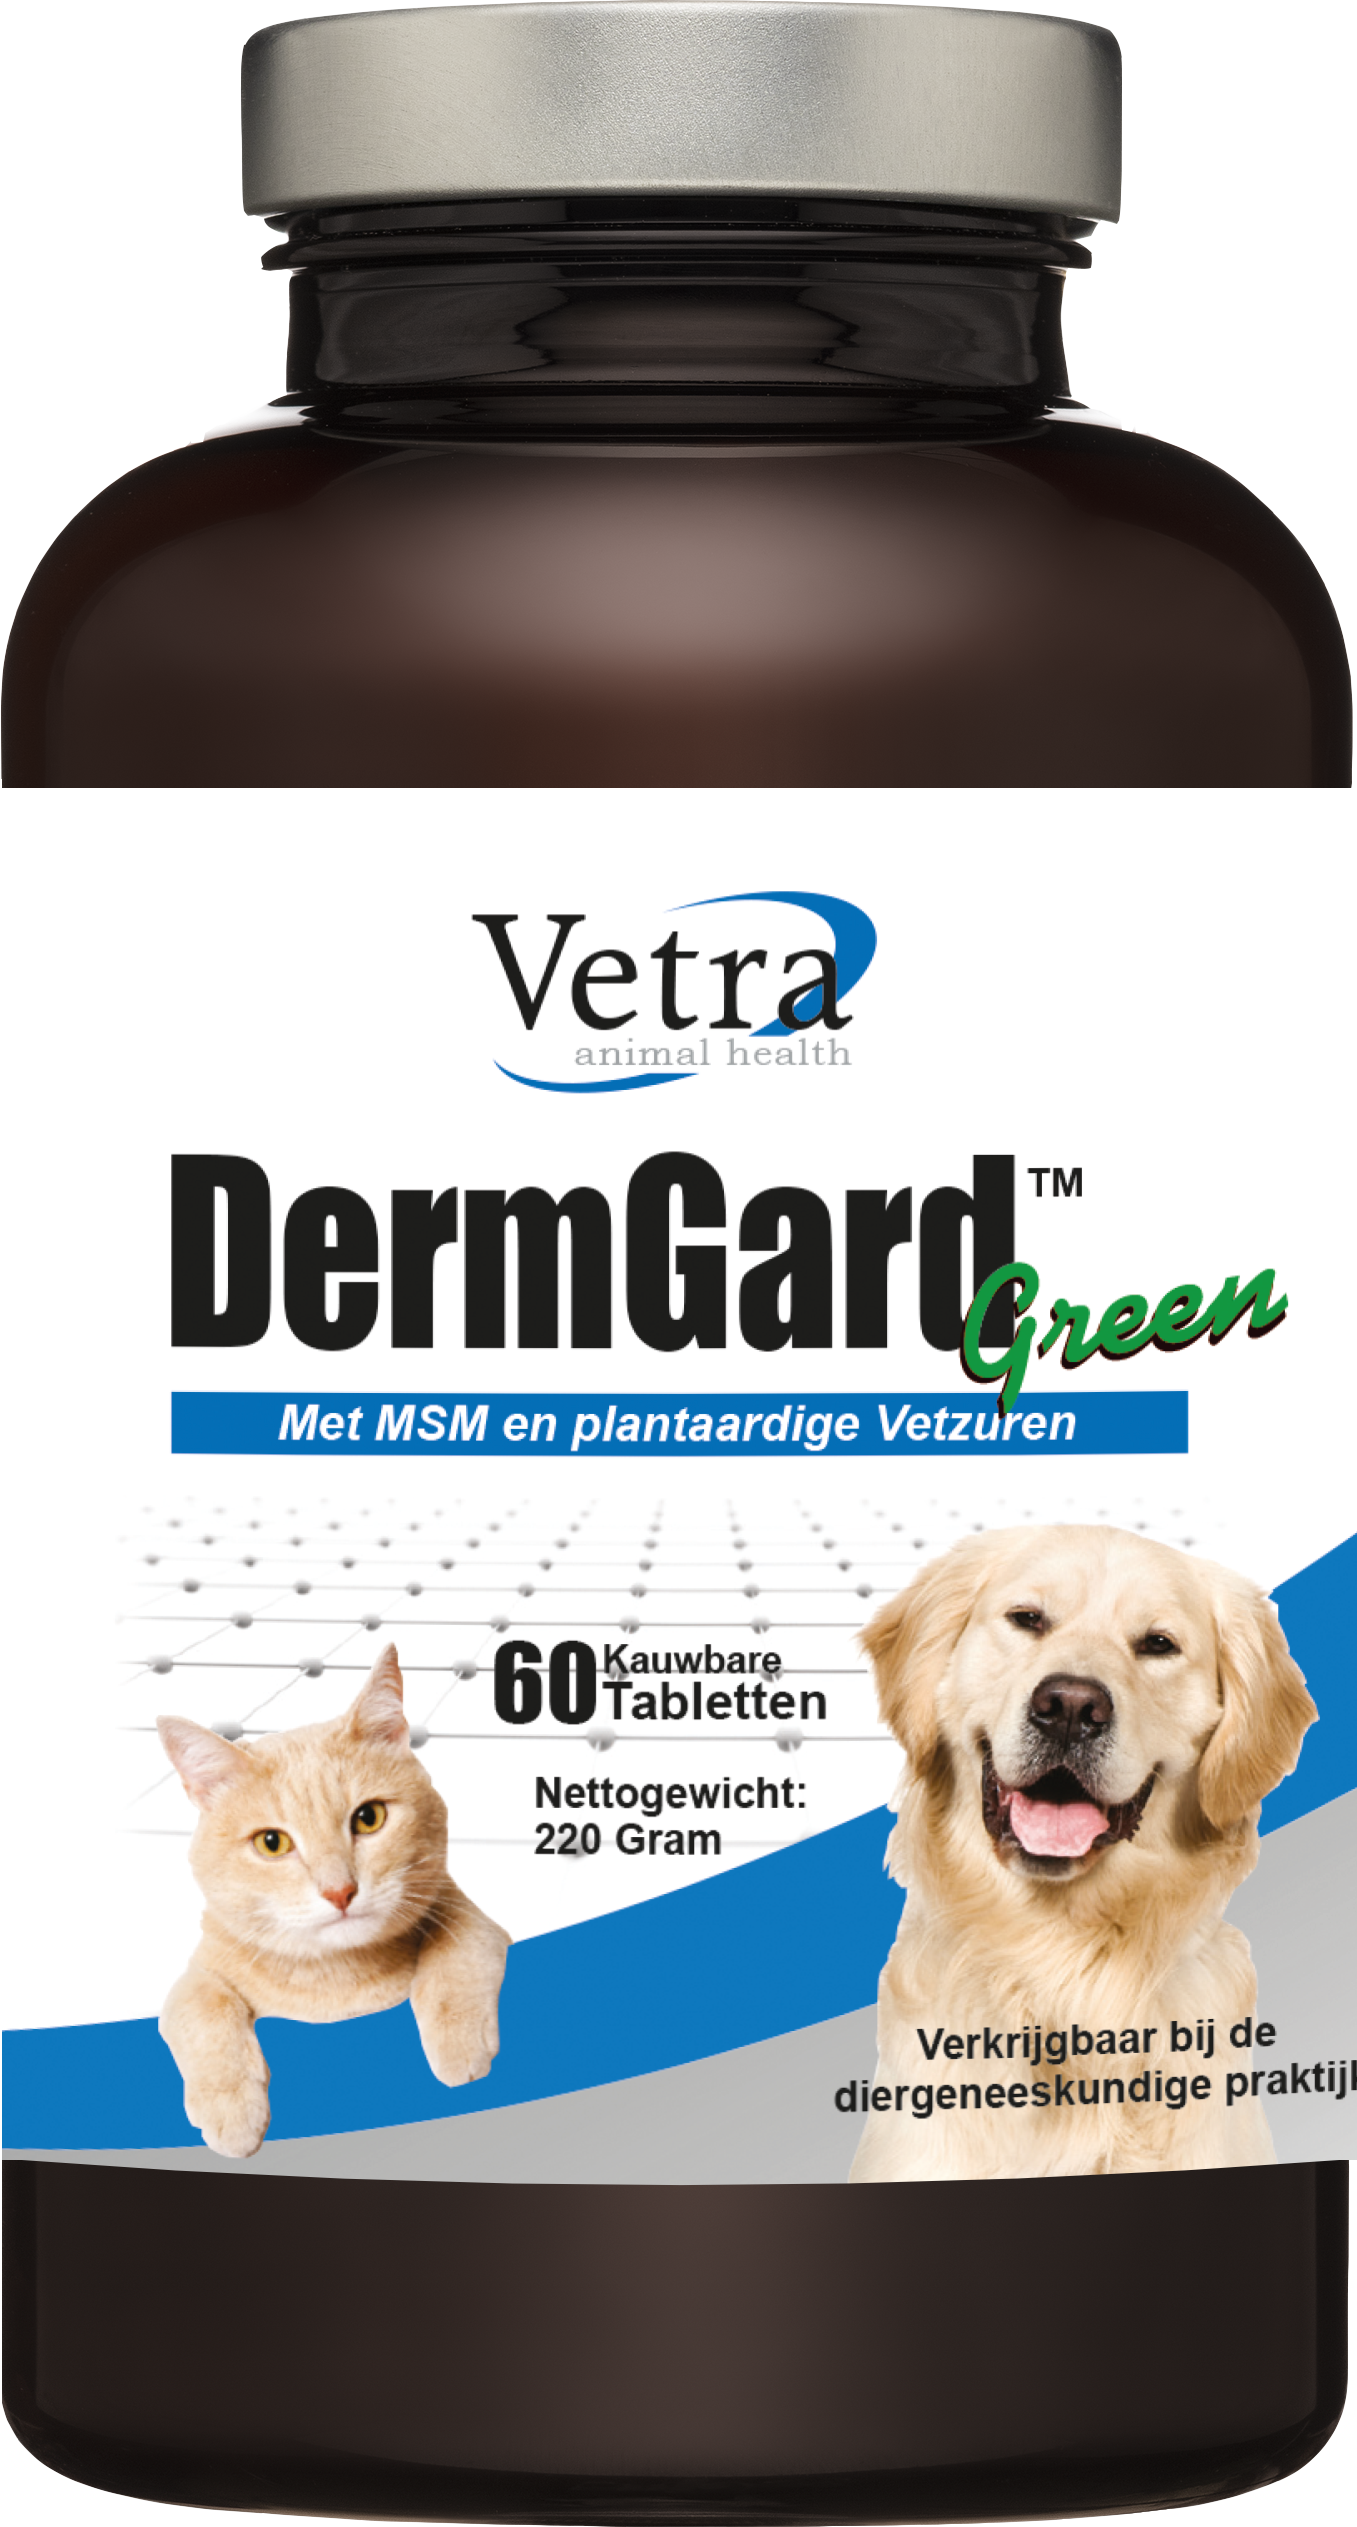 DermGard Green